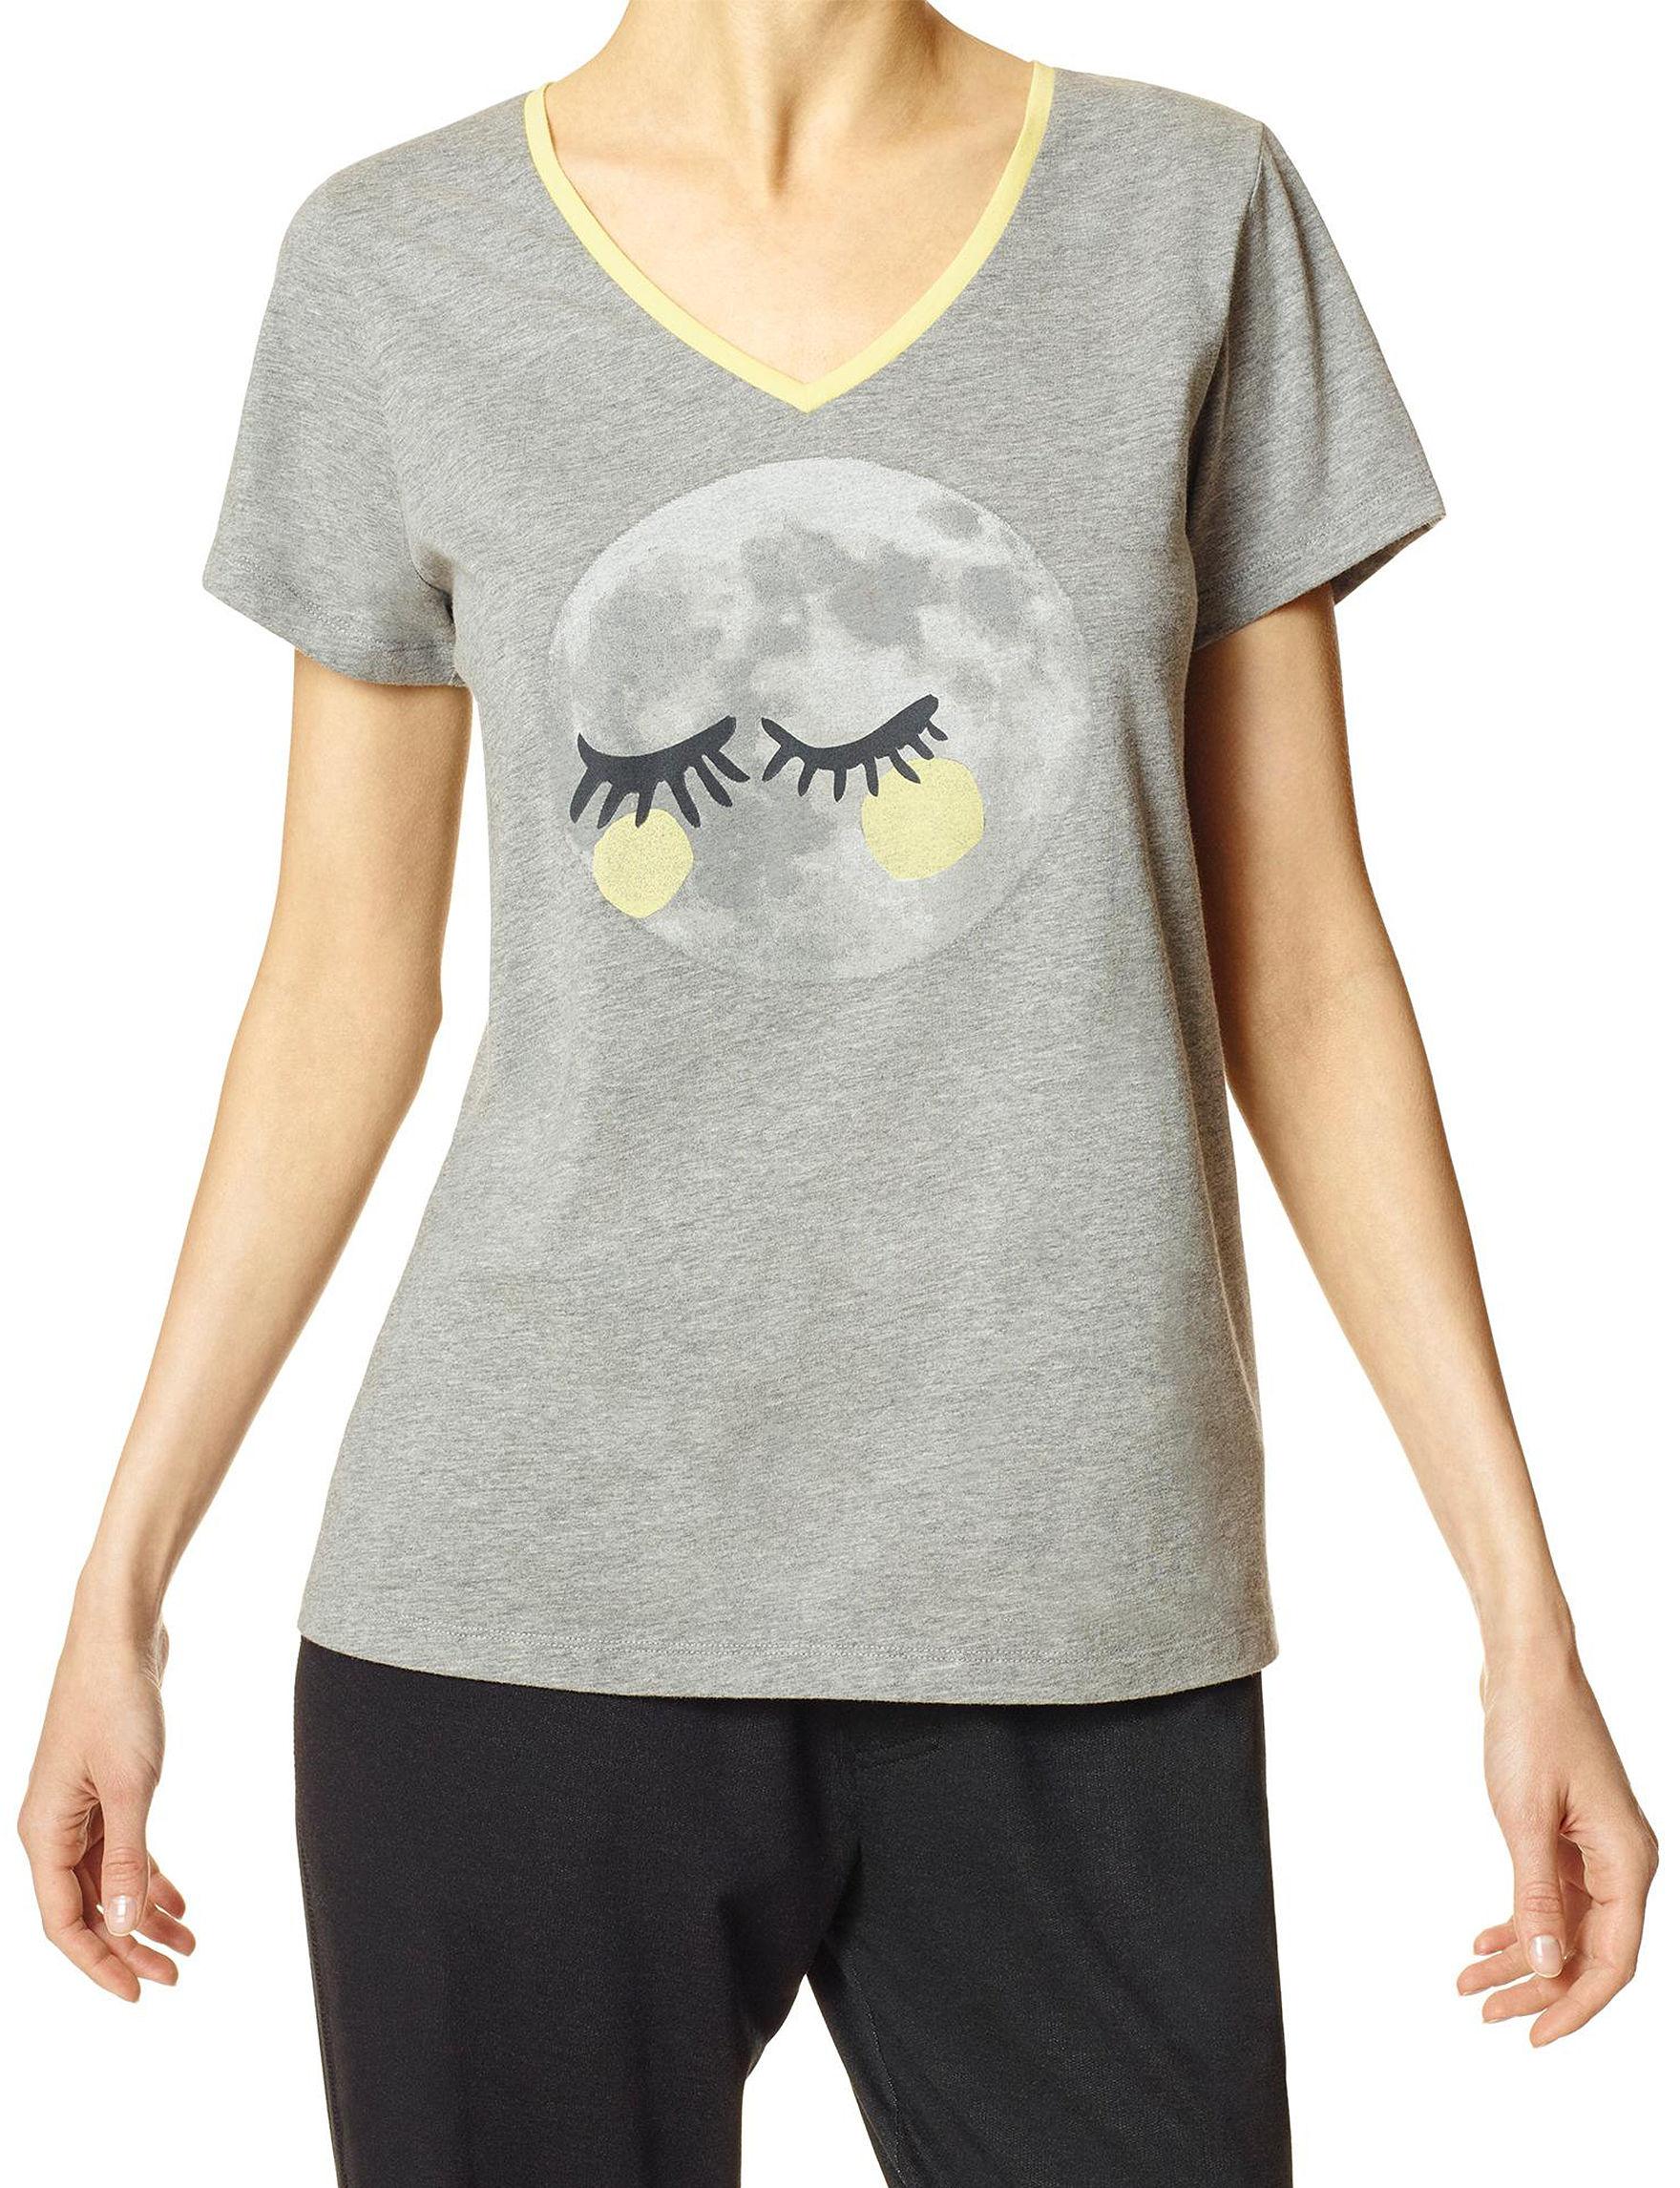 Hue Heather Grey Nightgowns & Sleep Shirts